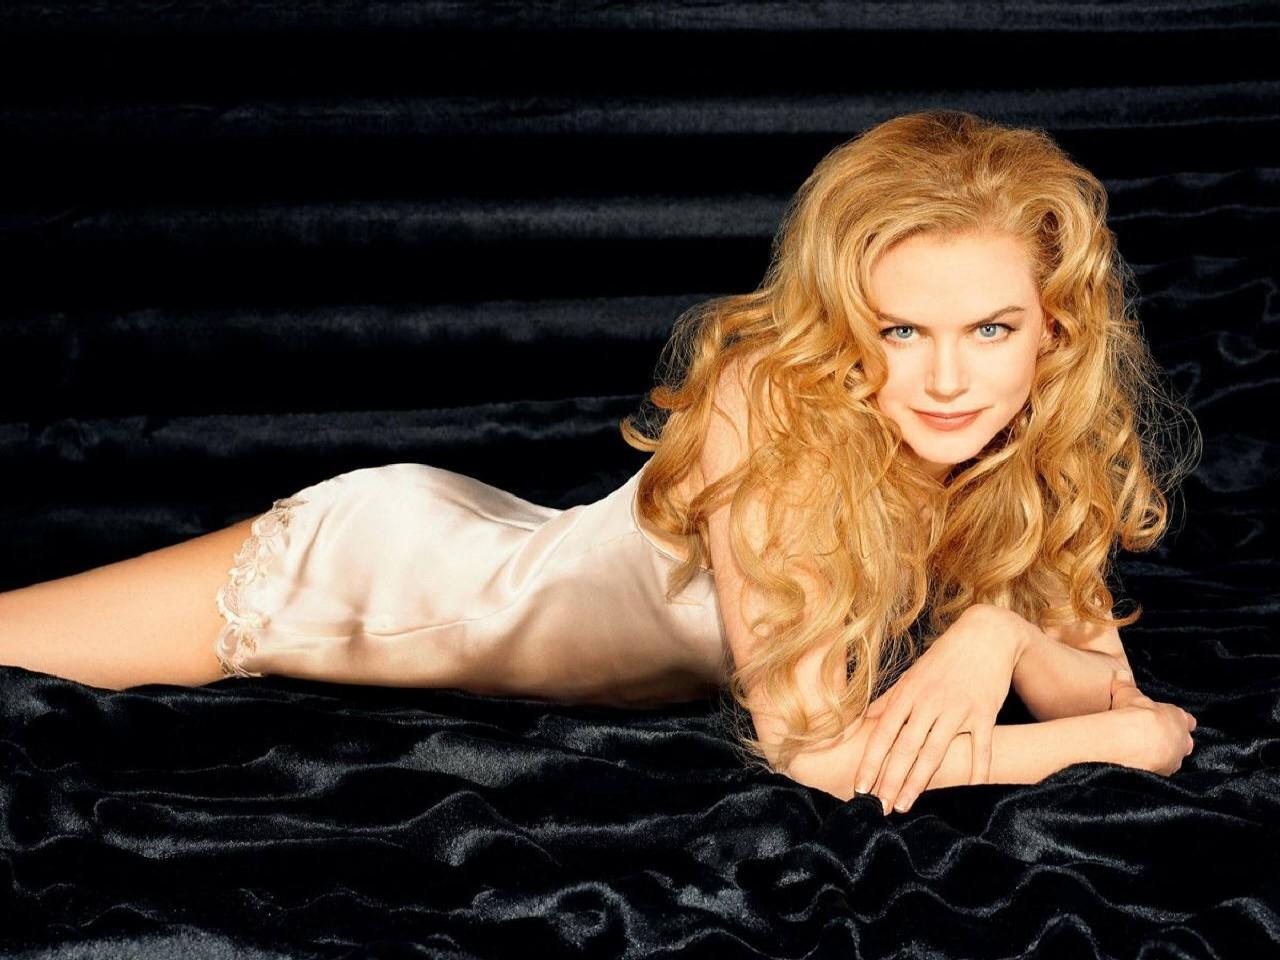 Wallpaper di Nicole Kidman su sfondo nero